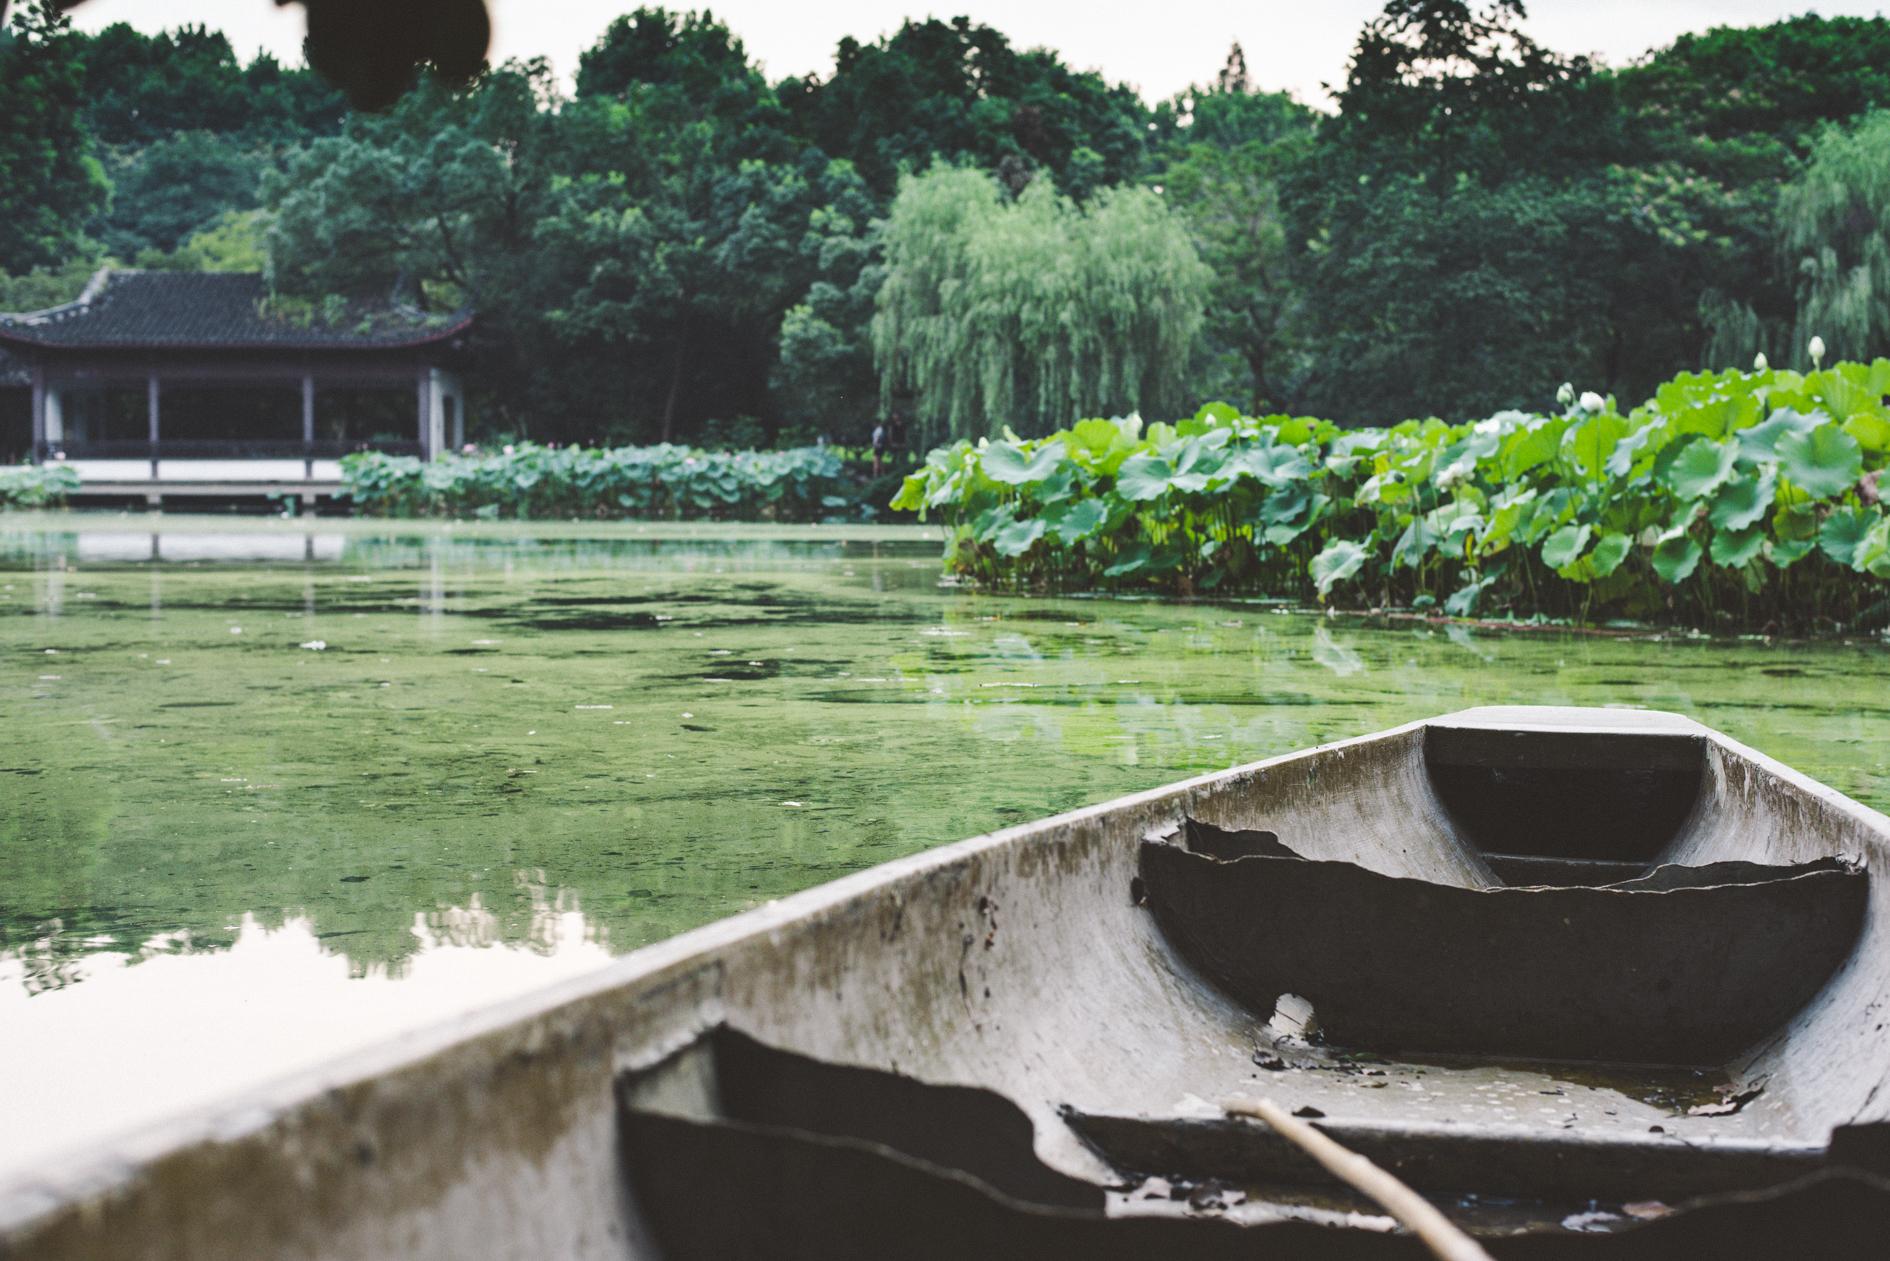 杭州西湖十大景点是什么,杭州西湖有哪些景点,杭州西湖著名的景点